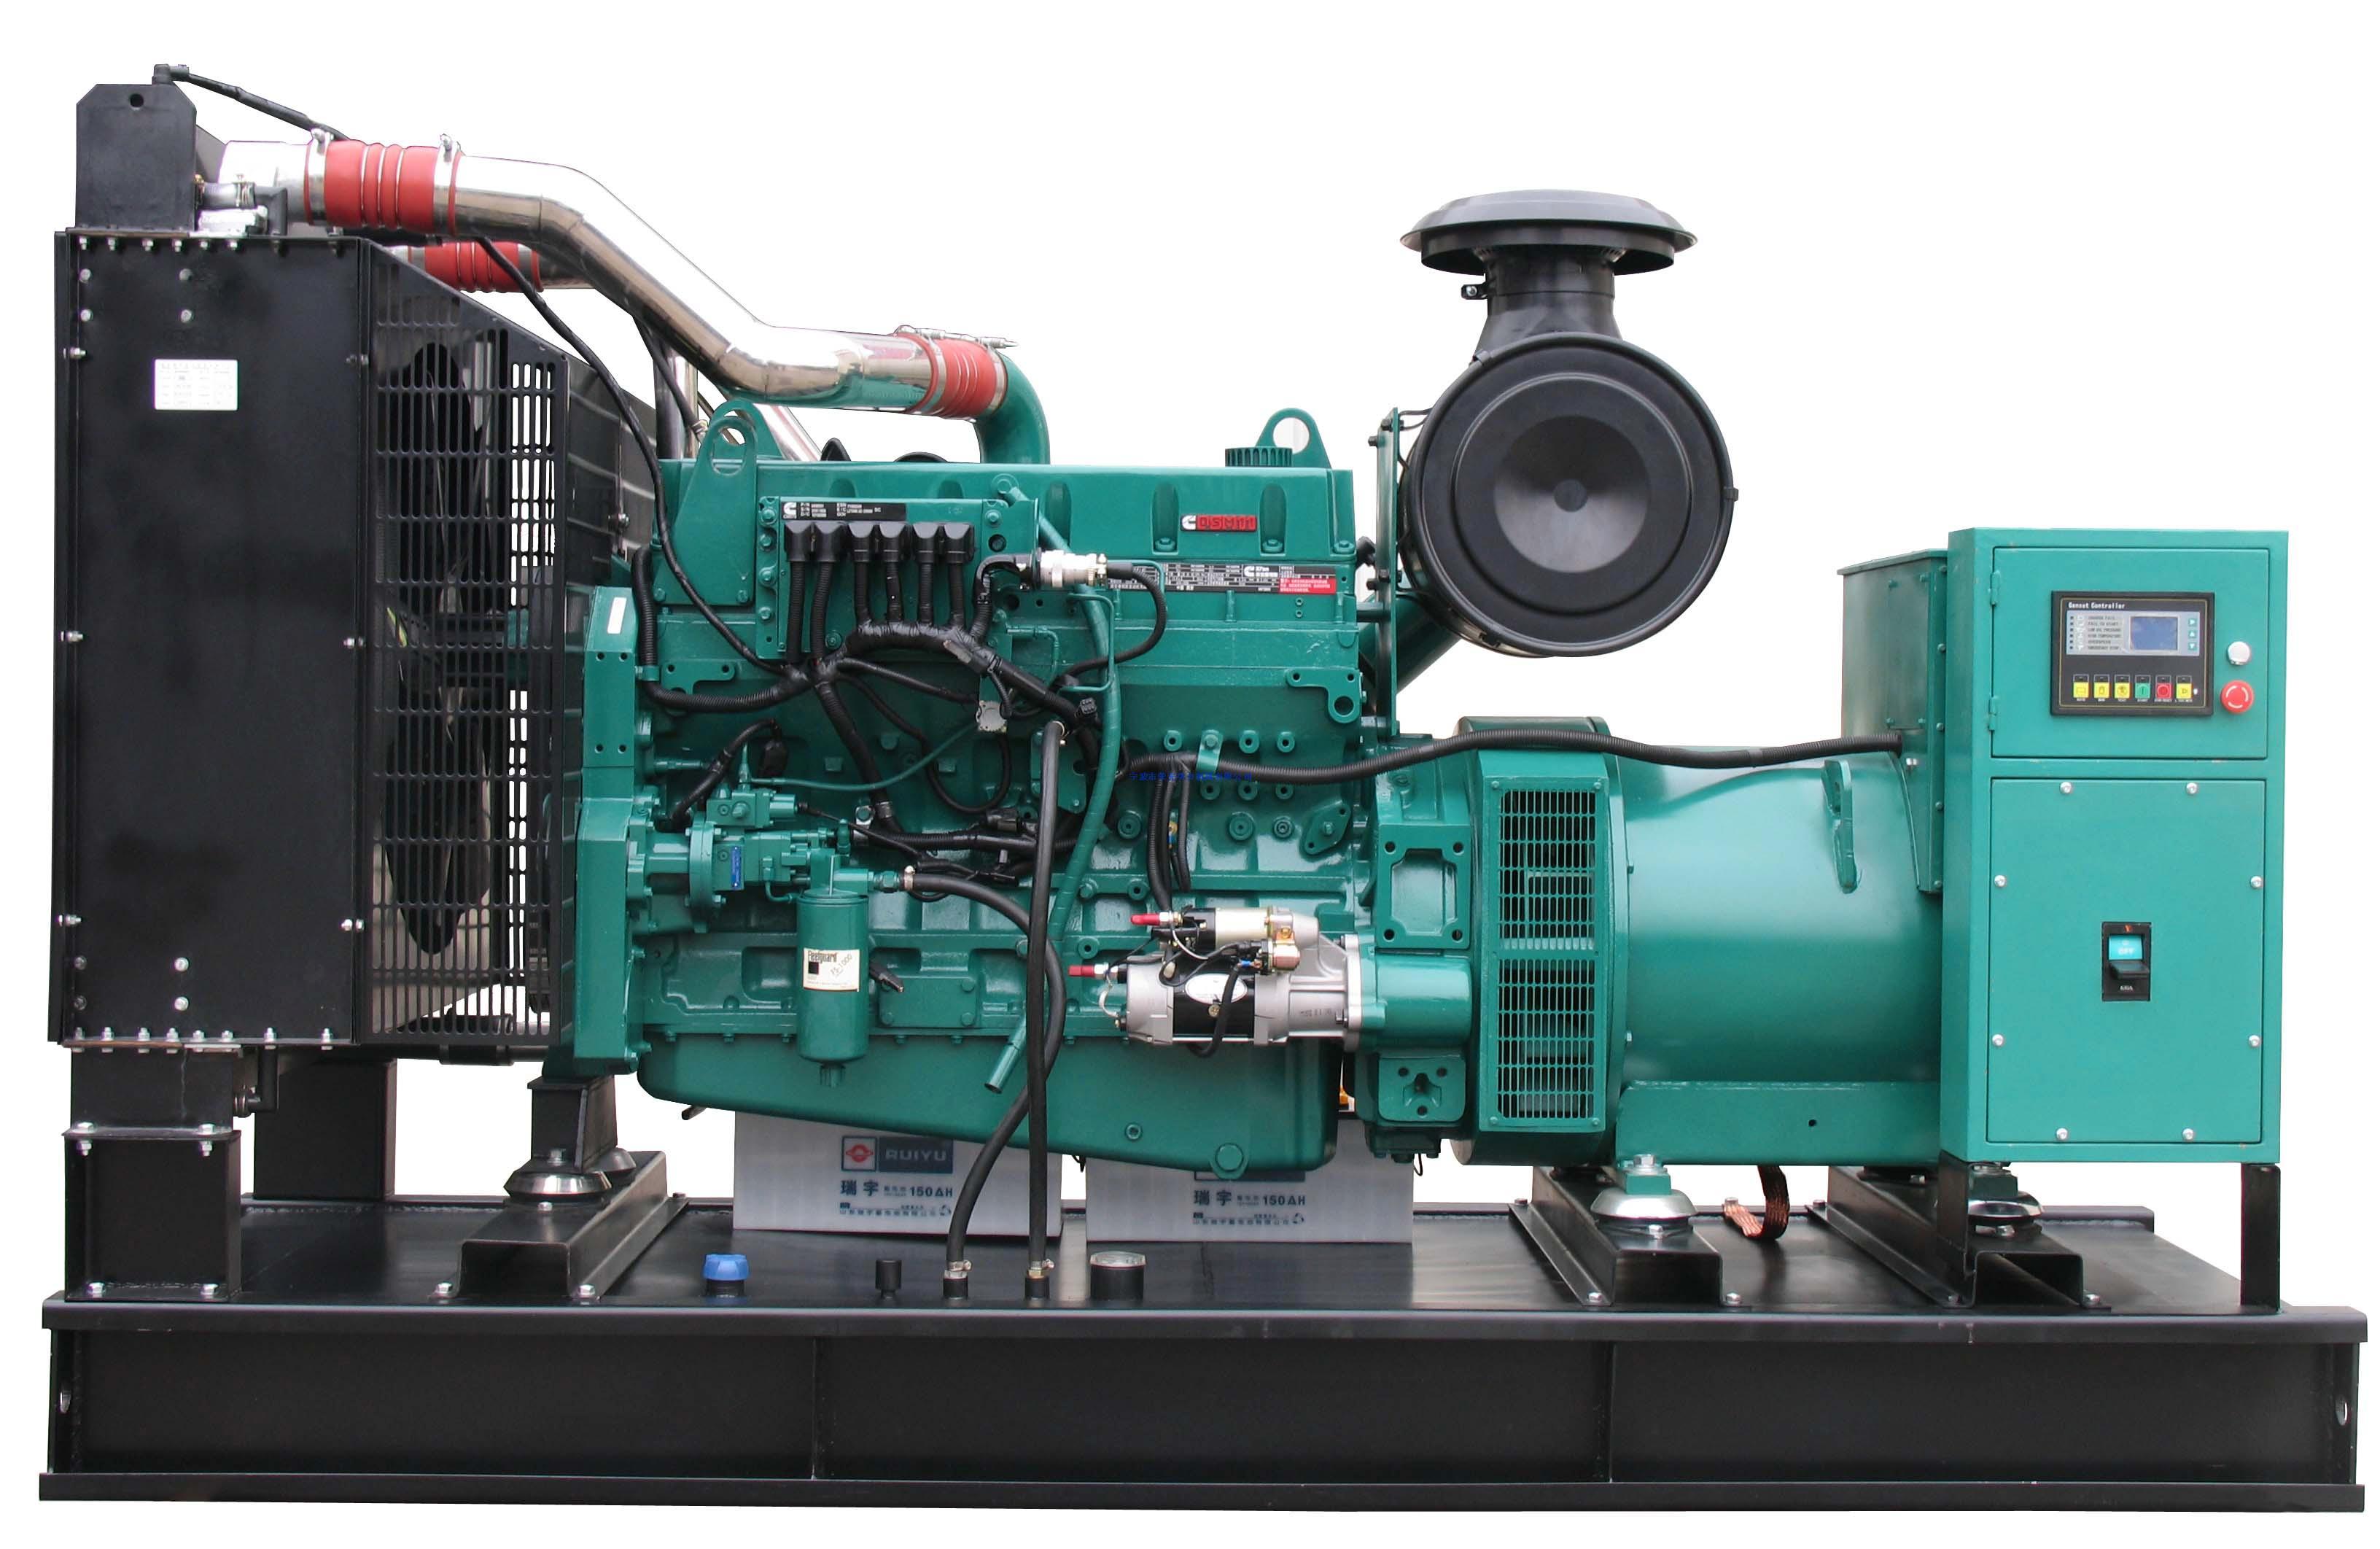 柴油发电机 设备栏目 jdzj.com 高清图片